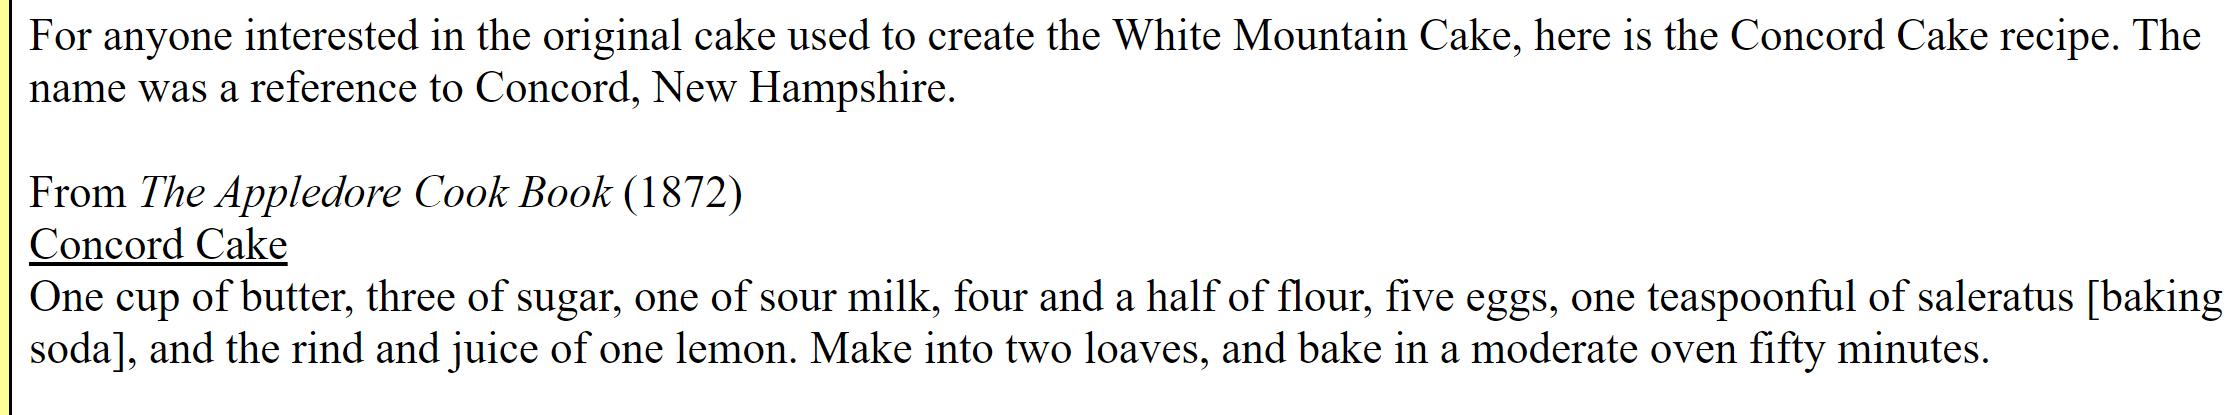 White Mountain Cake Recipe